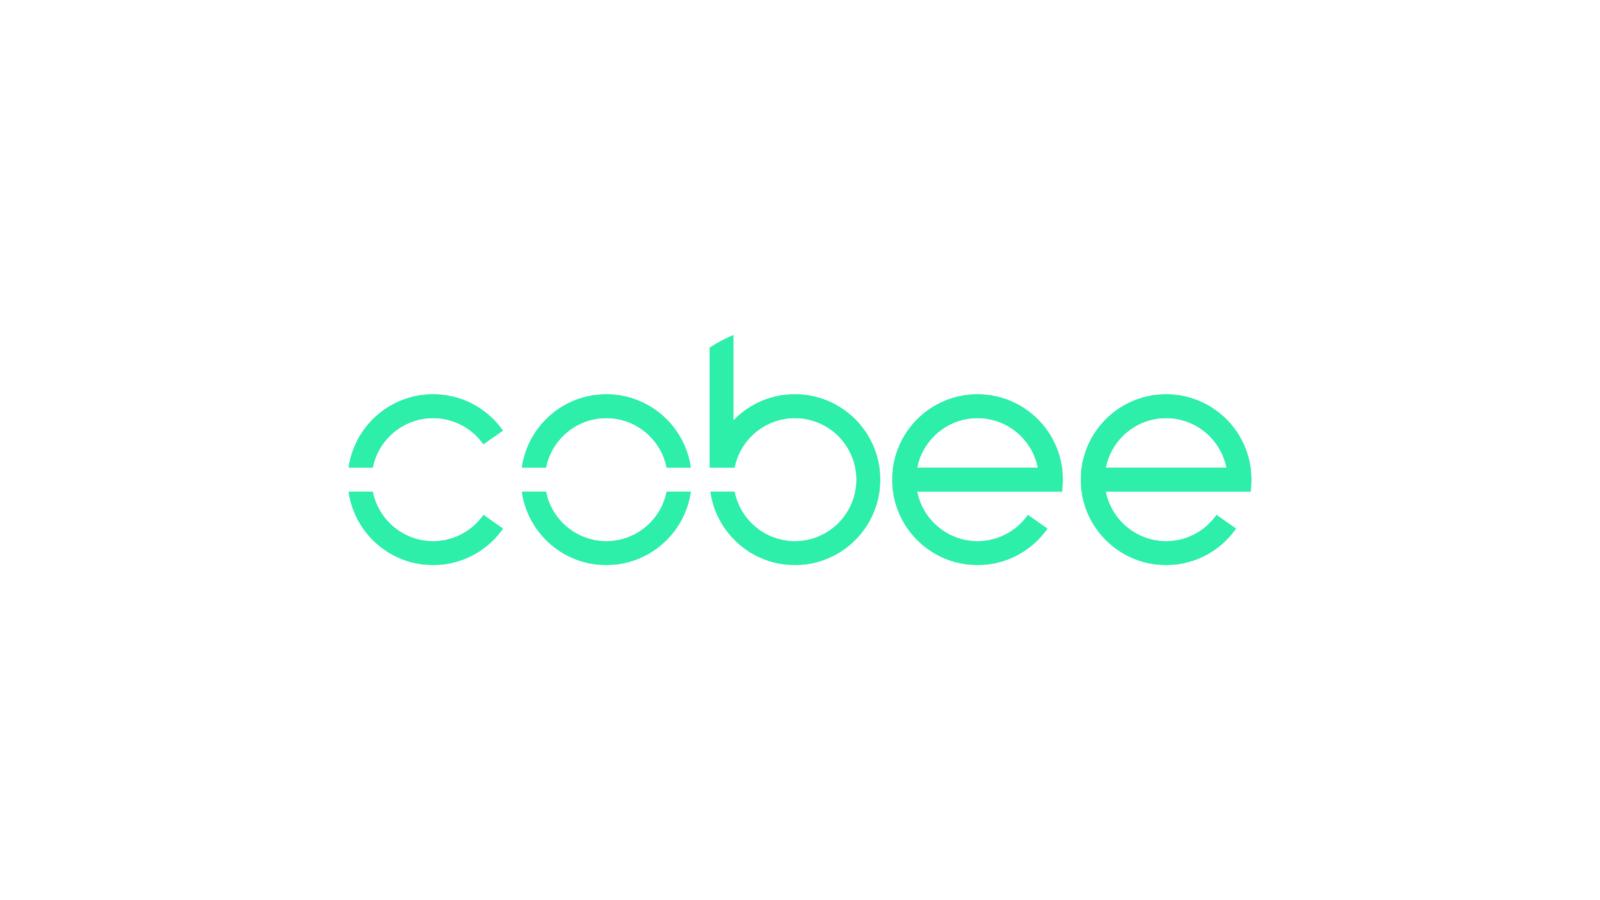 Cobee logo 2020 3 1024x1024 1